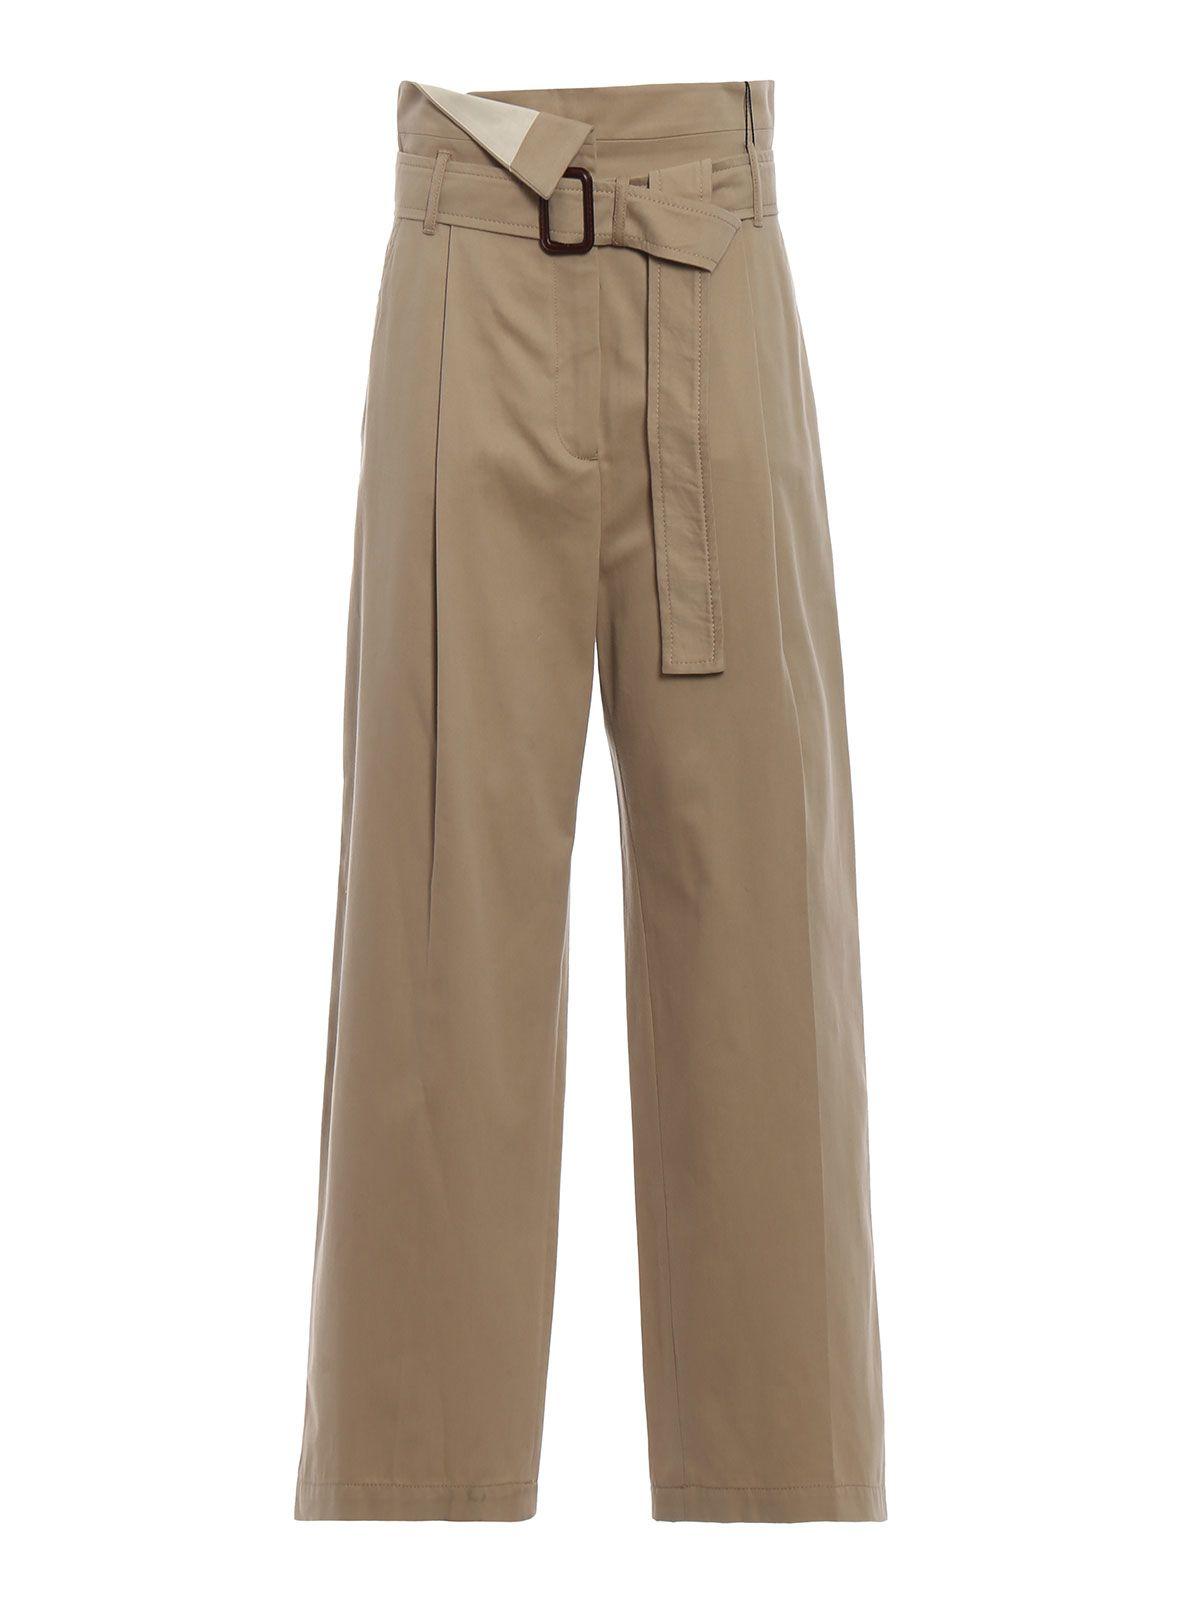 max mara - Ebro Beige Cotton Drill Wide Leg Trousers